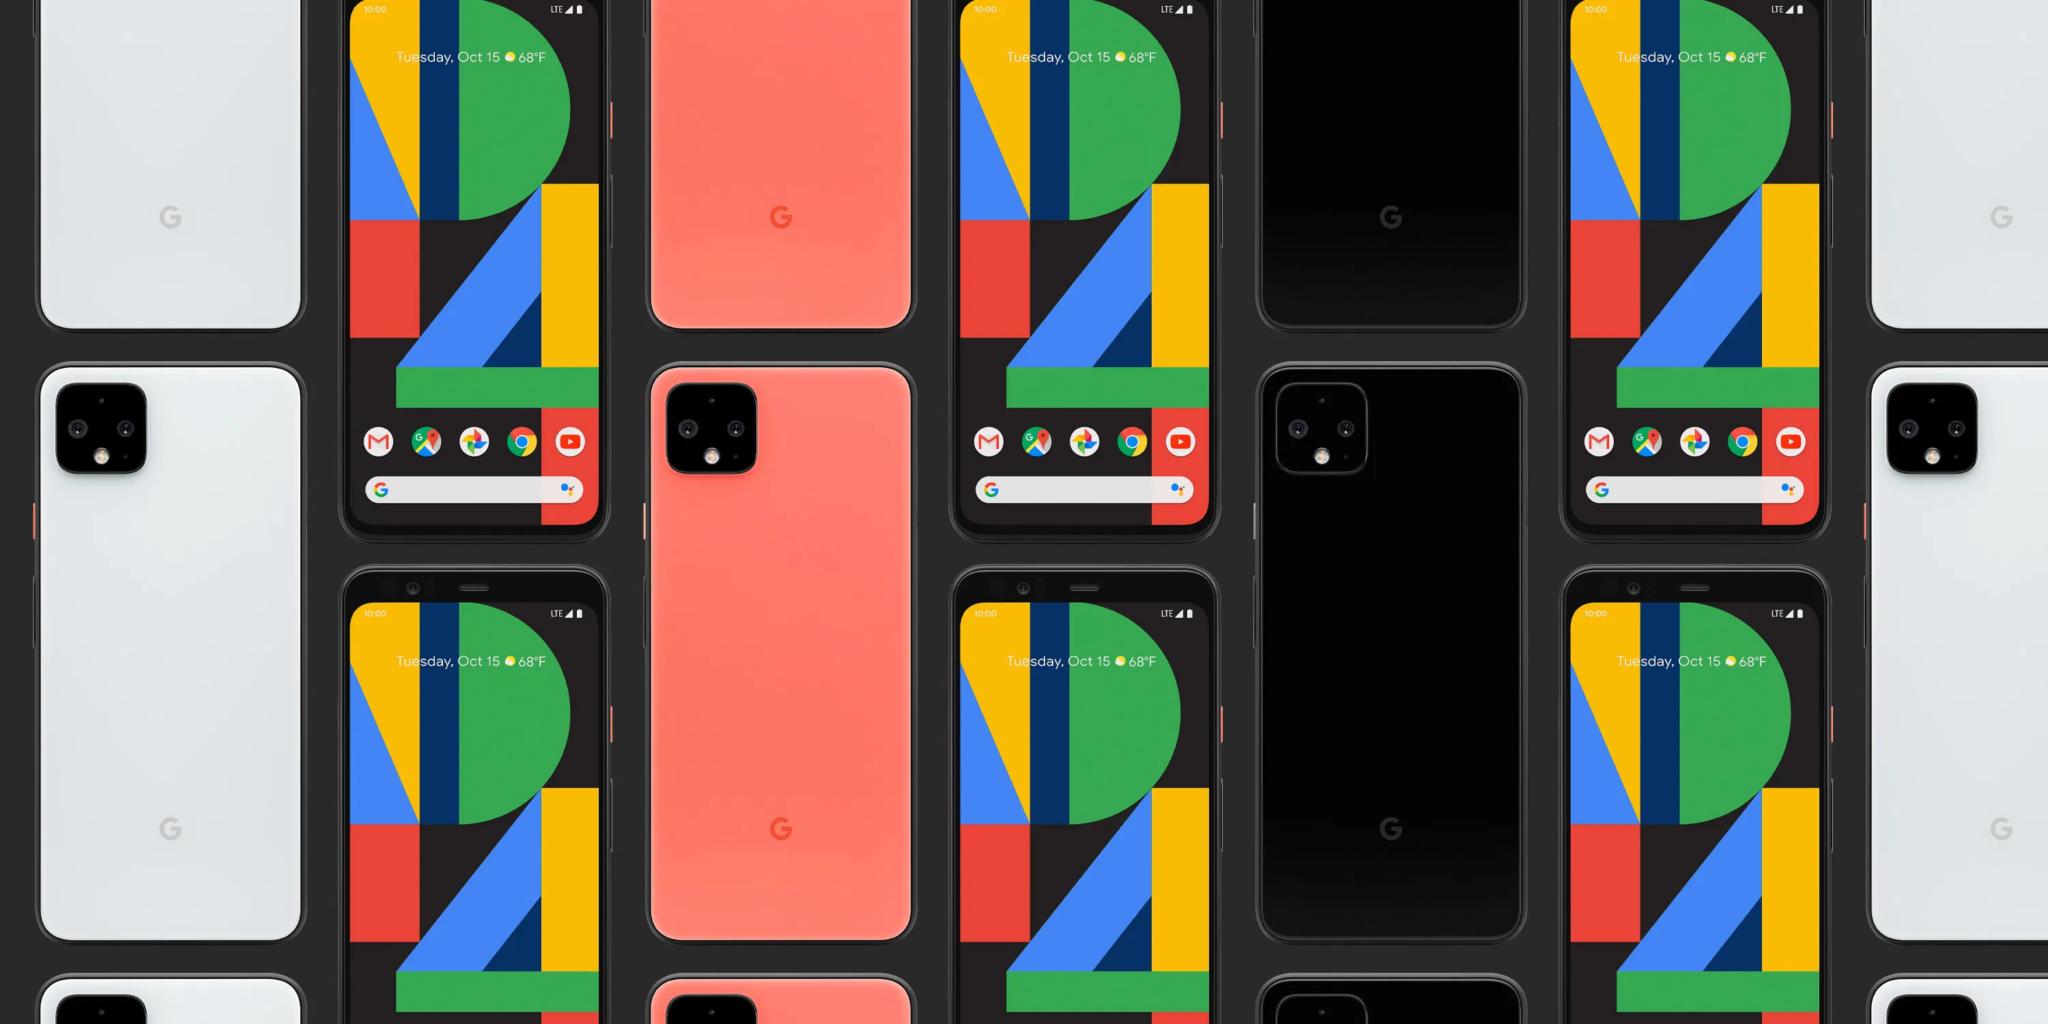 Вышел Google Pixel 4 – с разблокировкой по лицу и датчиком движения